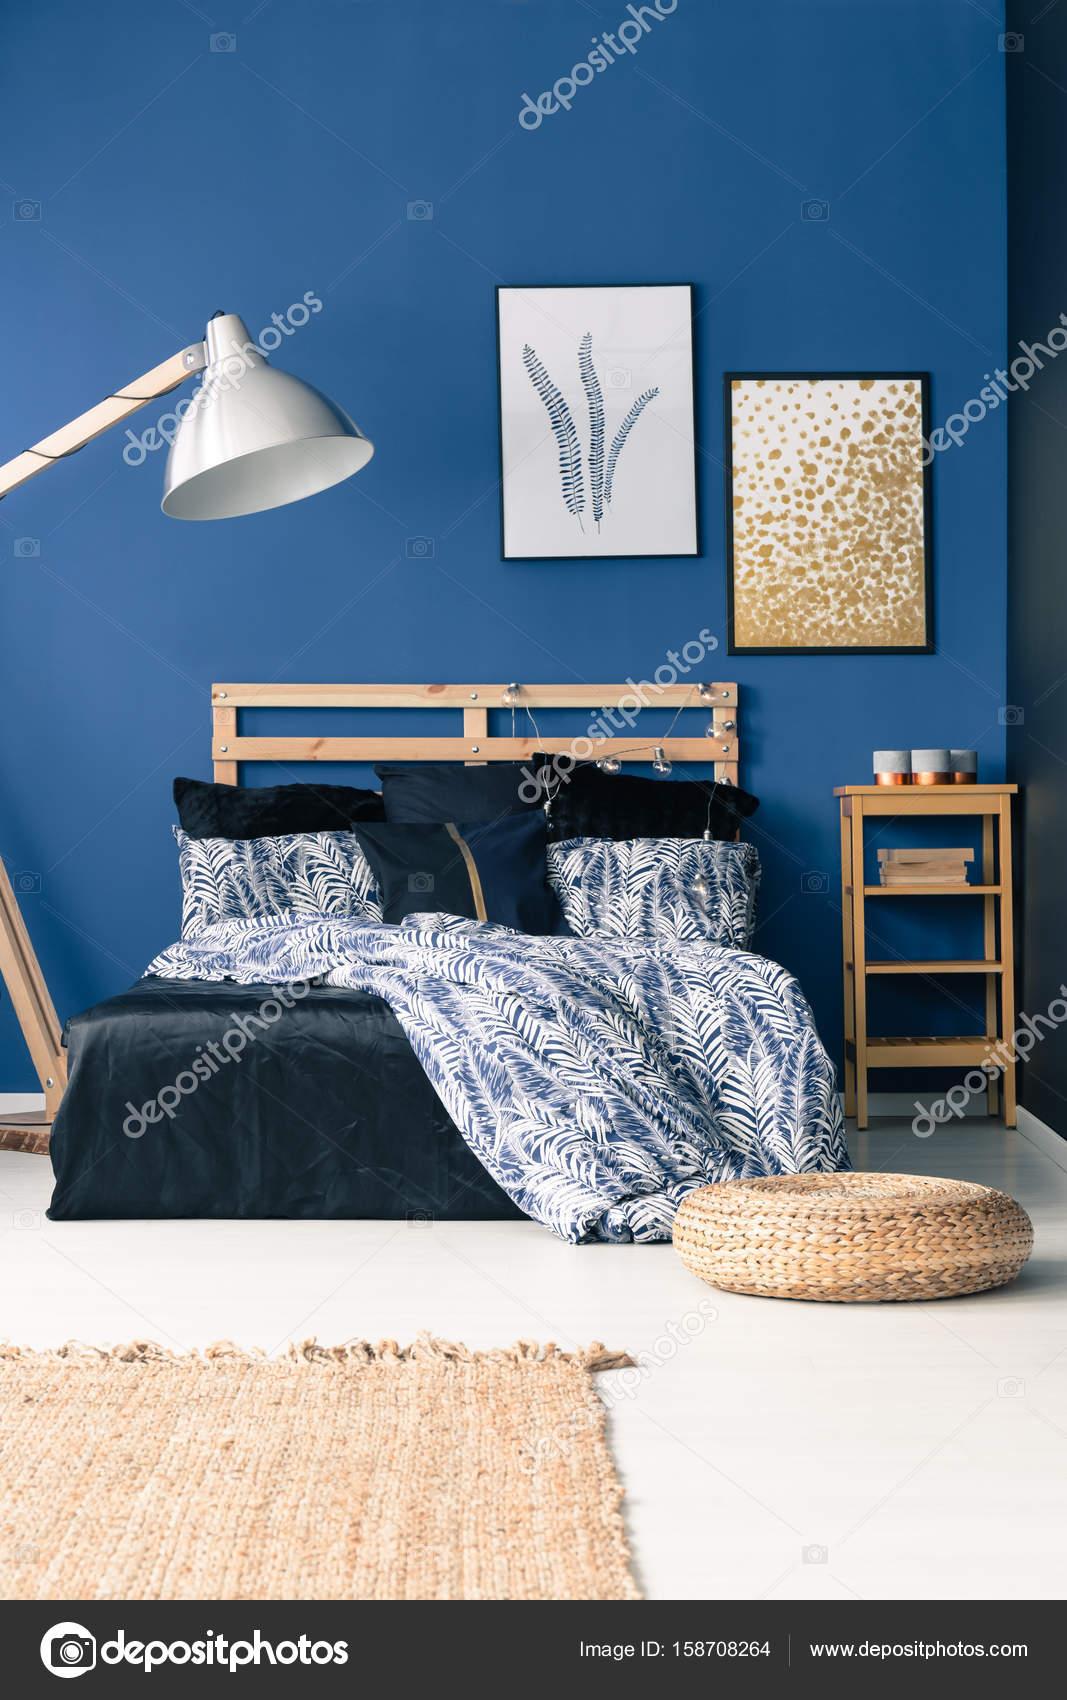 Schlafzimmer Mit Blauen Wand U2014 Stockfoto